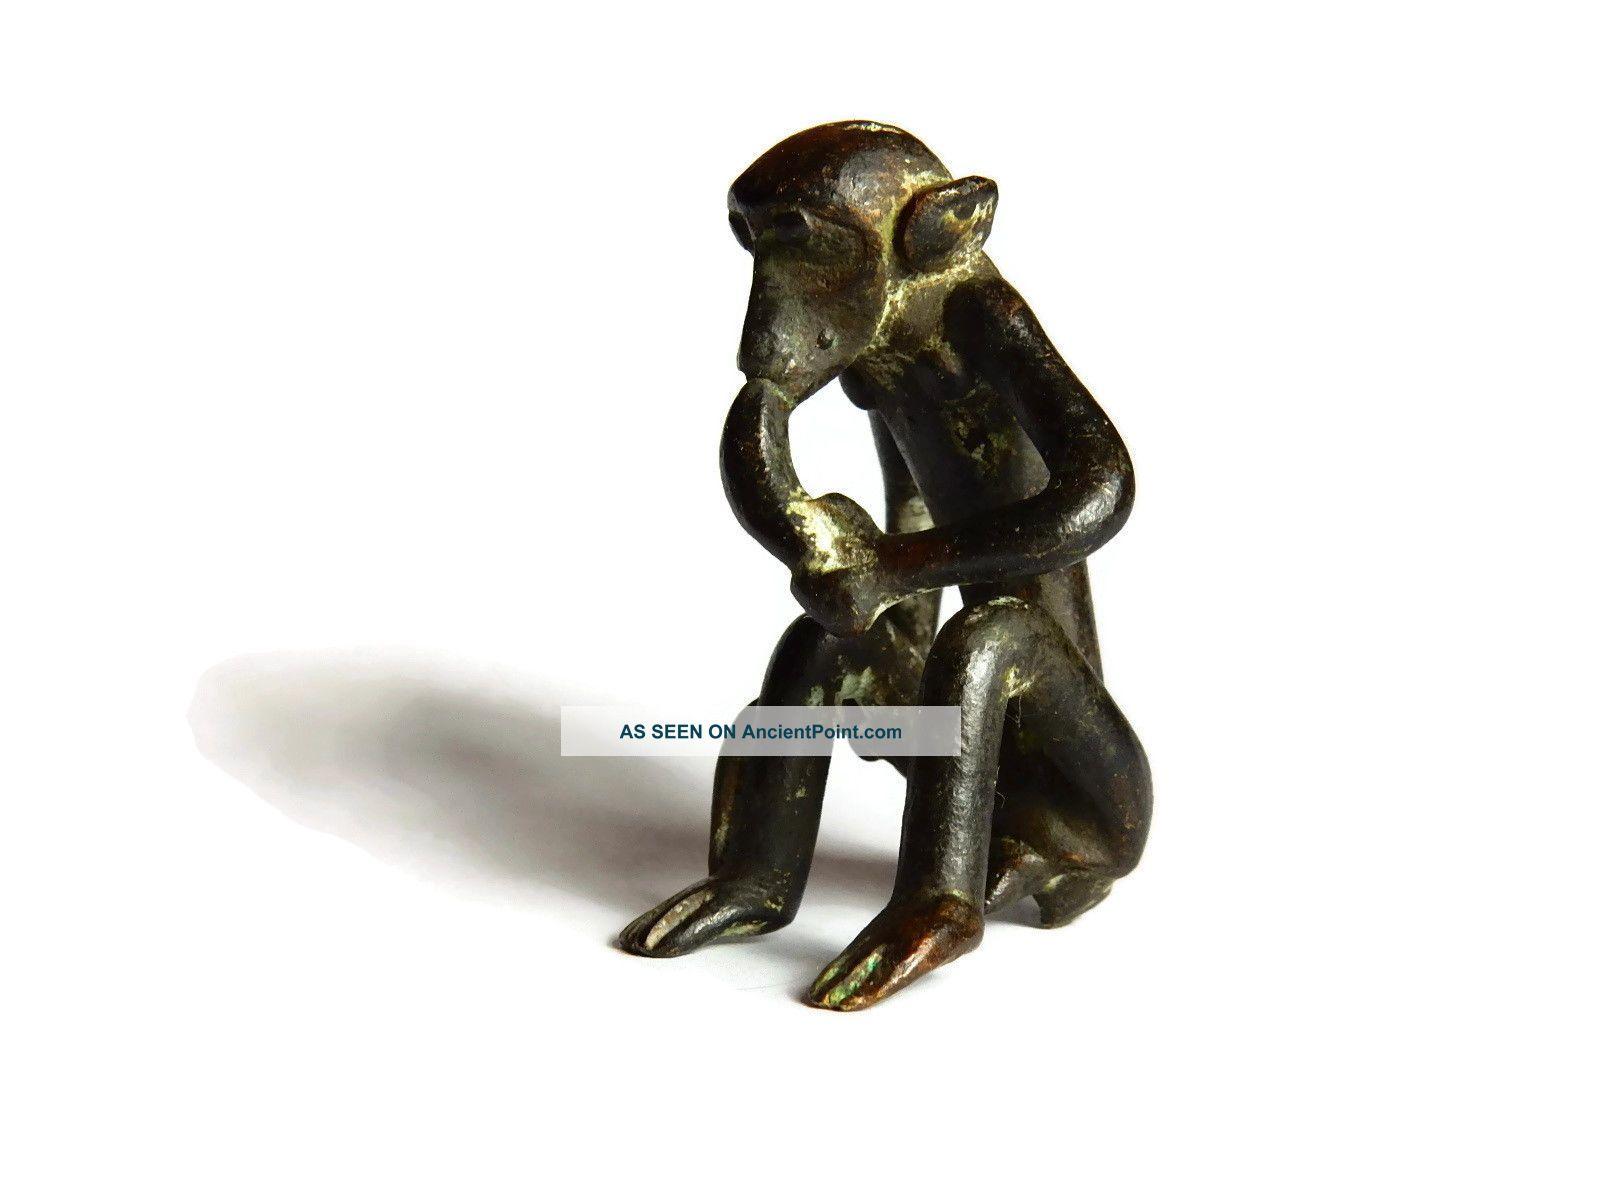 African Antique Cast Bronze Akan Ashanti Gold Weight - A Monkey 3 Sculptures & Statues photo